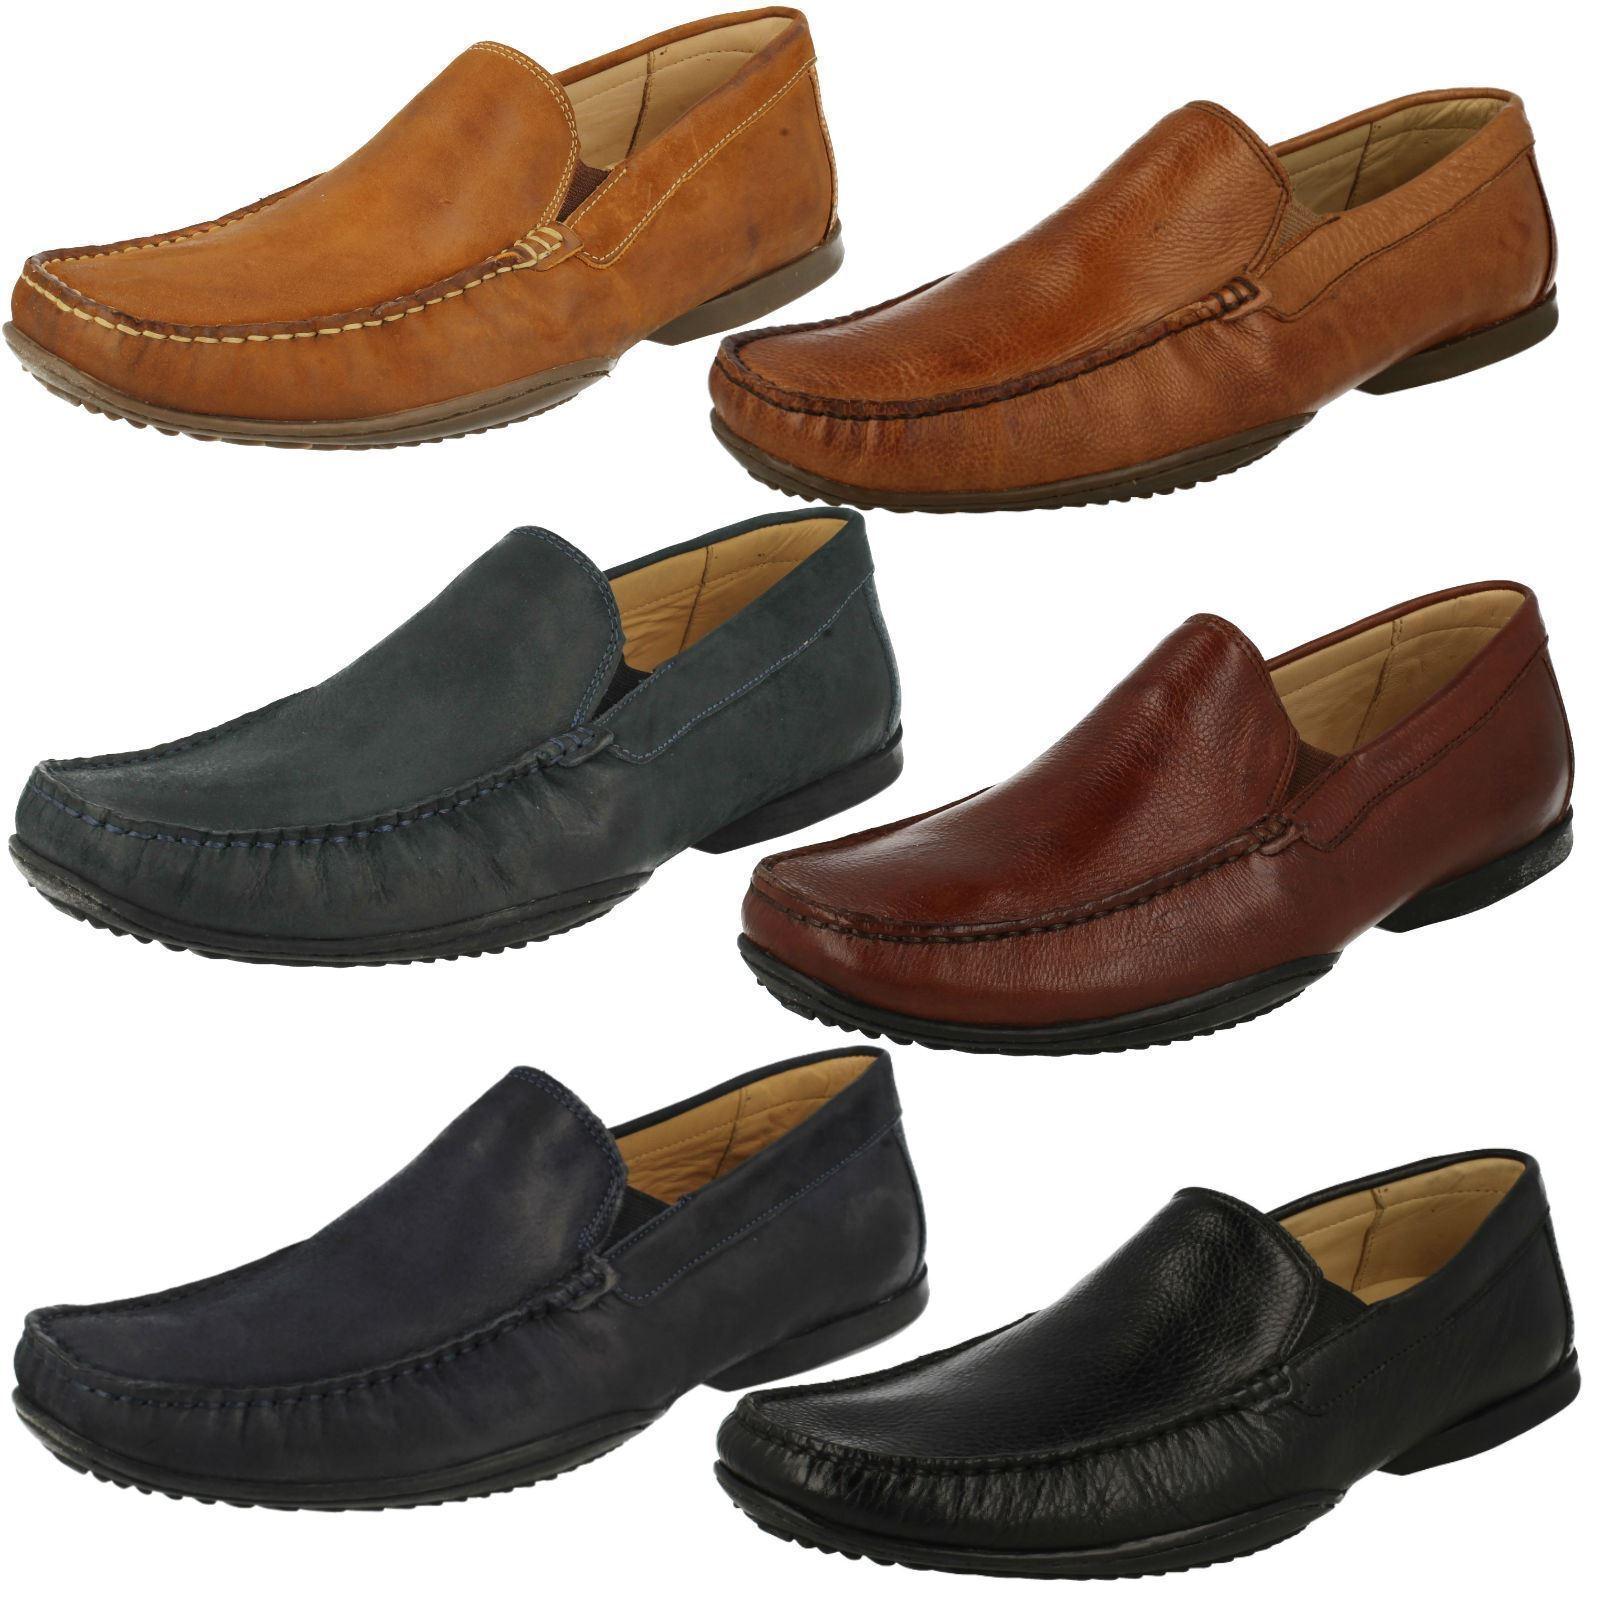 Mens TBVBRES grained leather slip on shoe by BNBTOMIC & CO £95.00